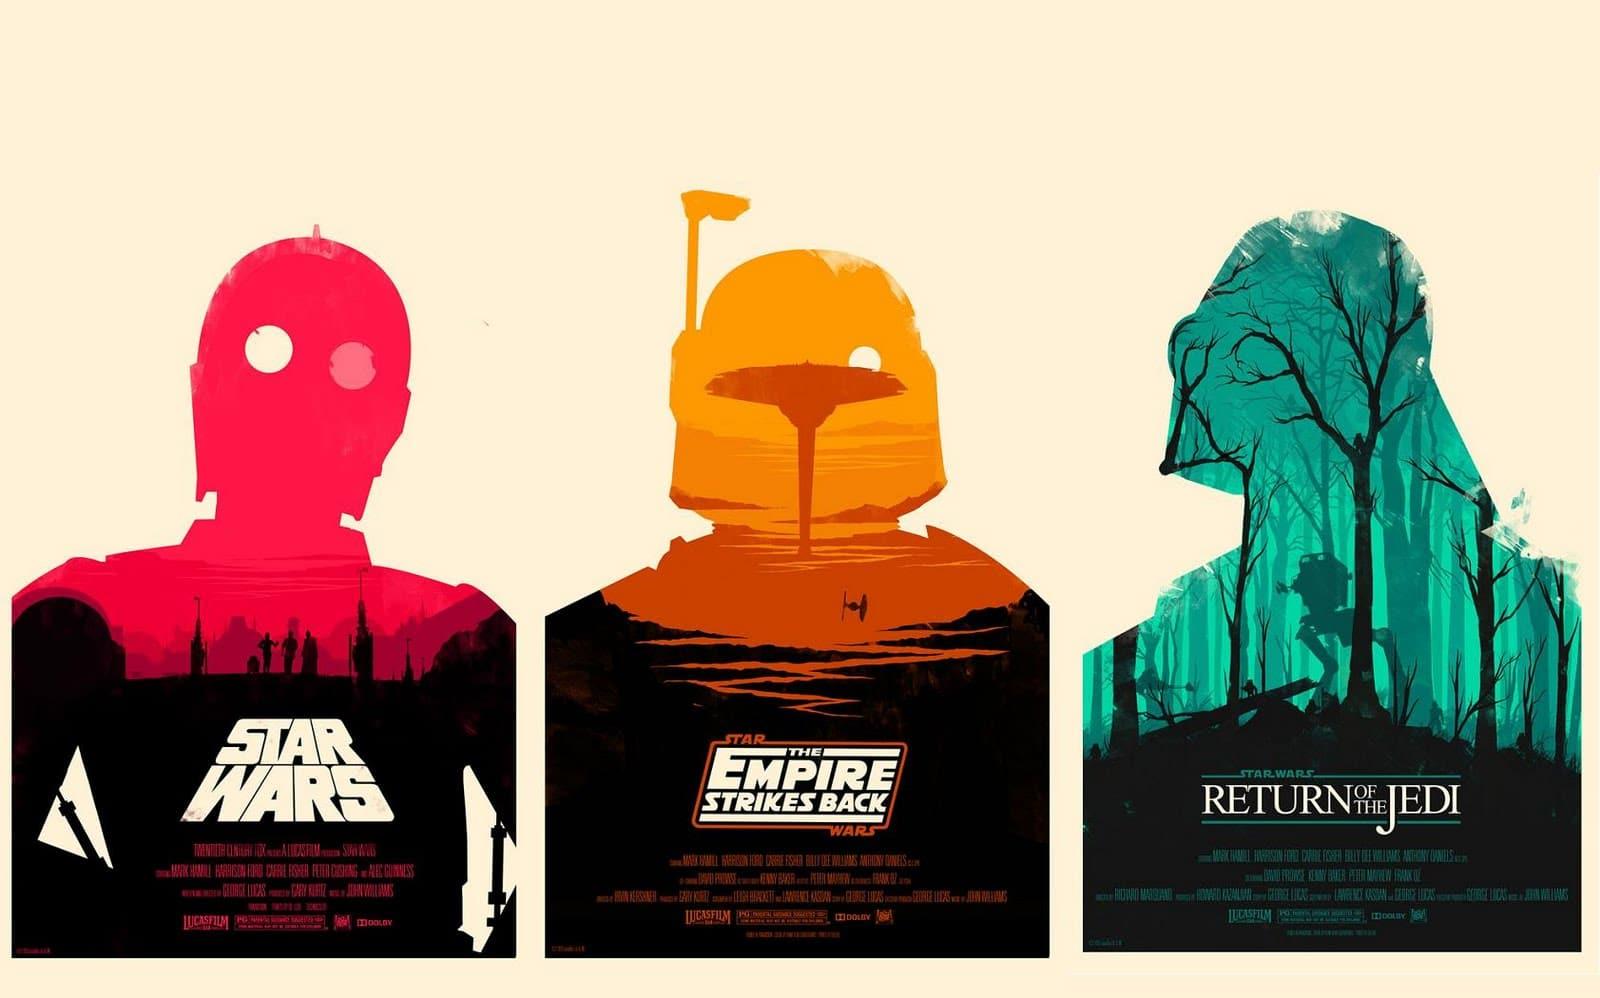 Star Wars comme vous ne l'avez jamais vu